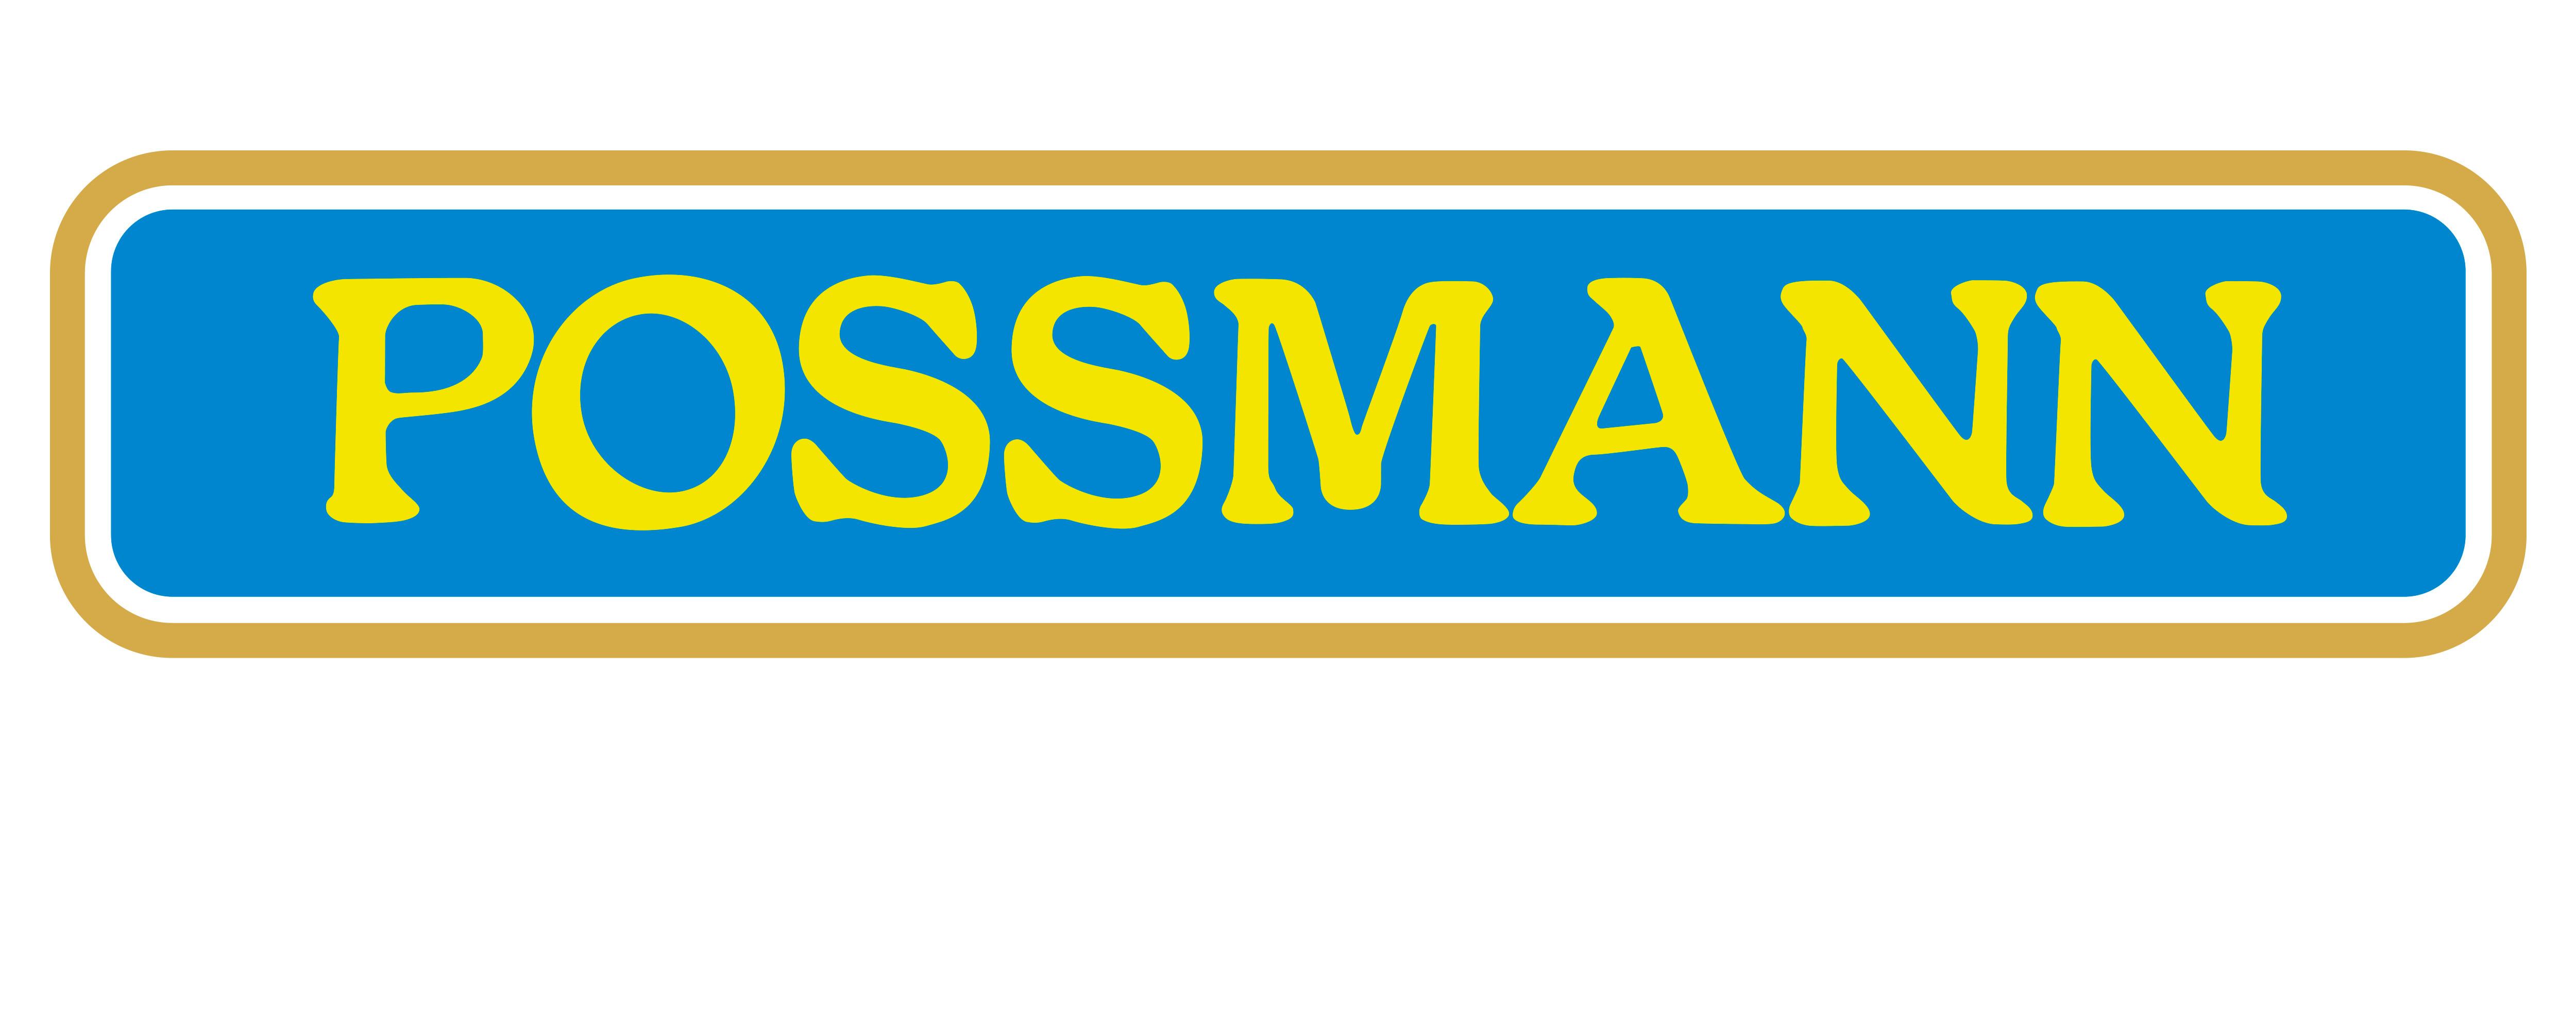 Logo der Kelterei Possmann. Der gelbe Possmann-Schriftzug erscheint auf blauem Grund.